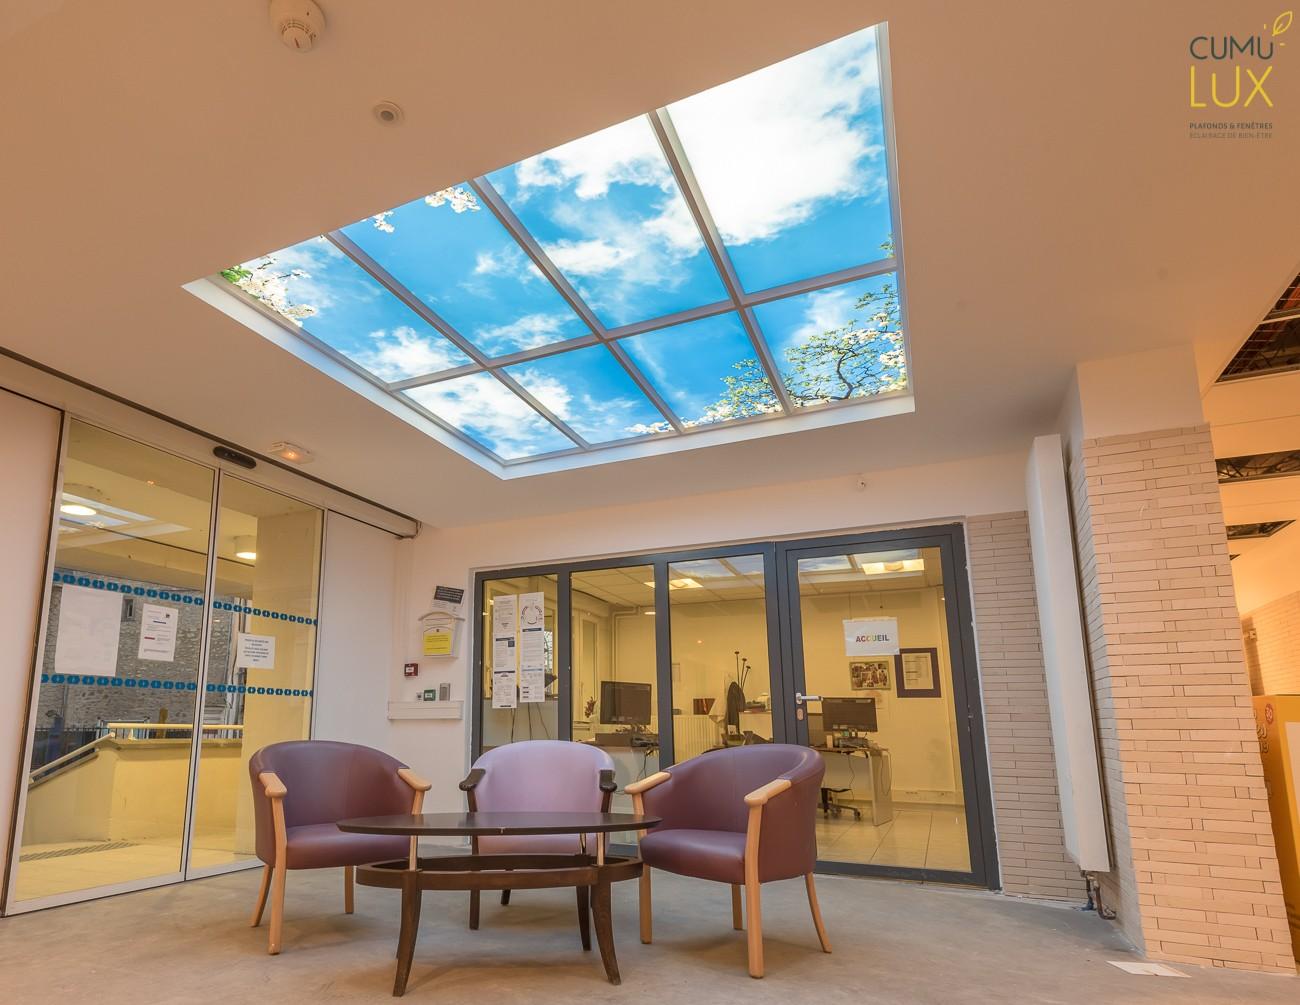 Plafond lumineux cumulux à l'EHPAD Gourlet Bontemps - hall d'accueil